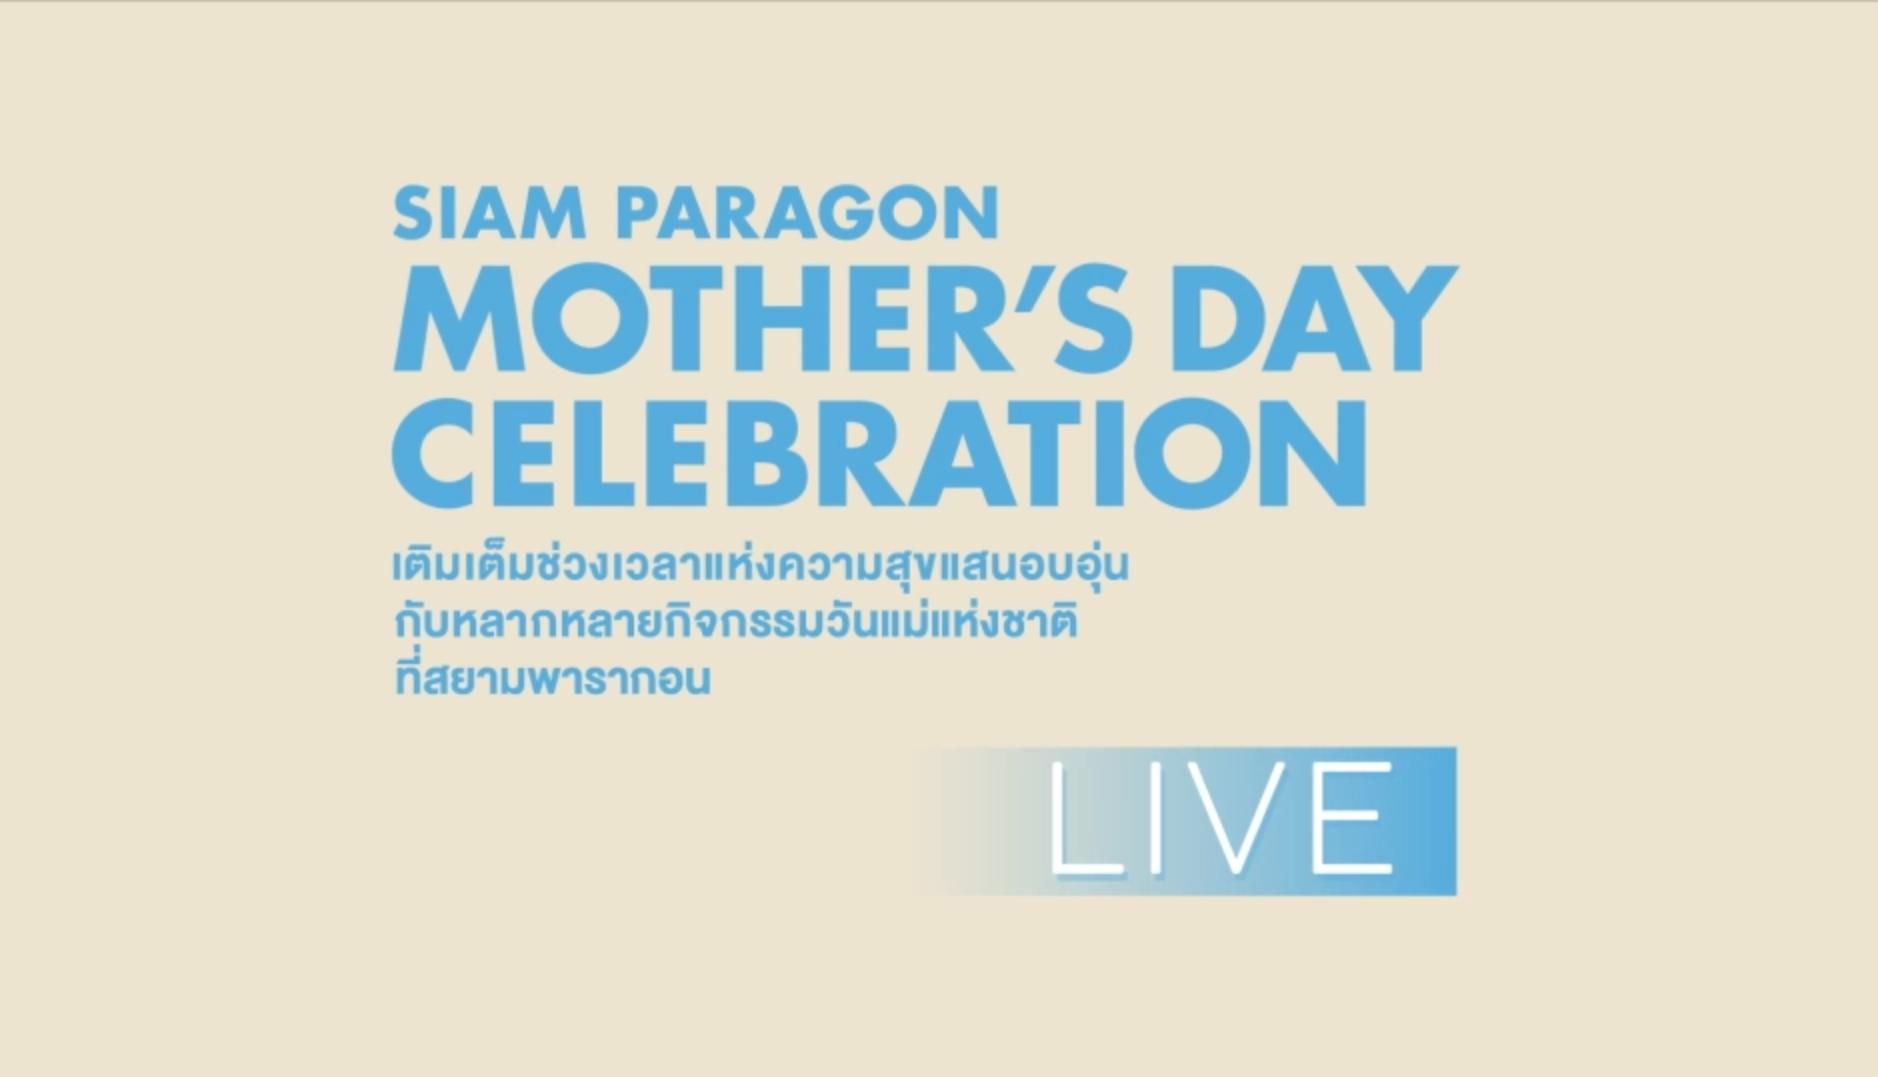 ชมย้อนหลัง Siam Paragon Mother's Day Celebration